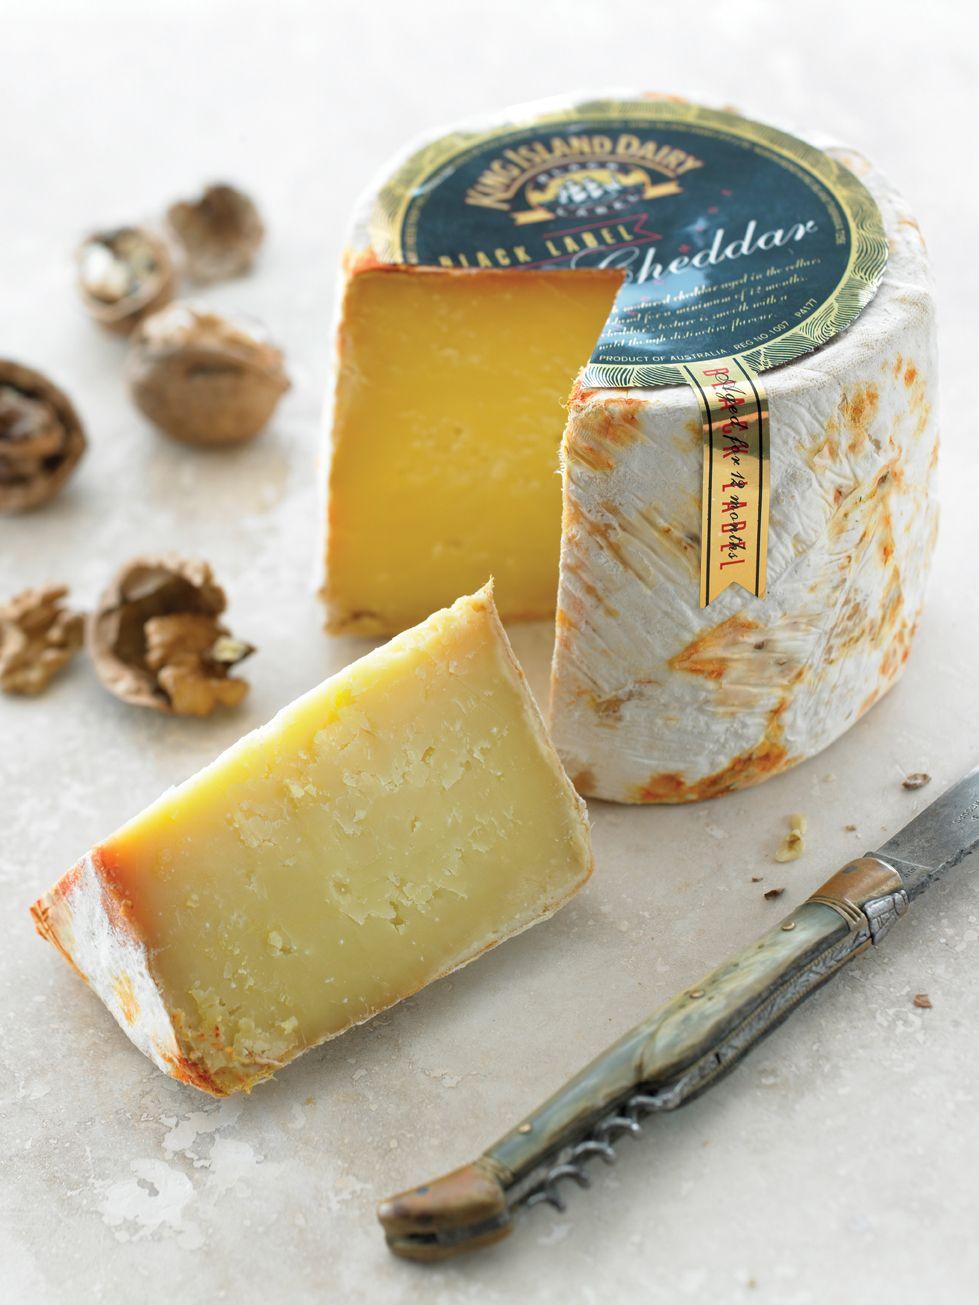 Win 1 of 5 King Island Dairy Award Winning Cheese Packs!